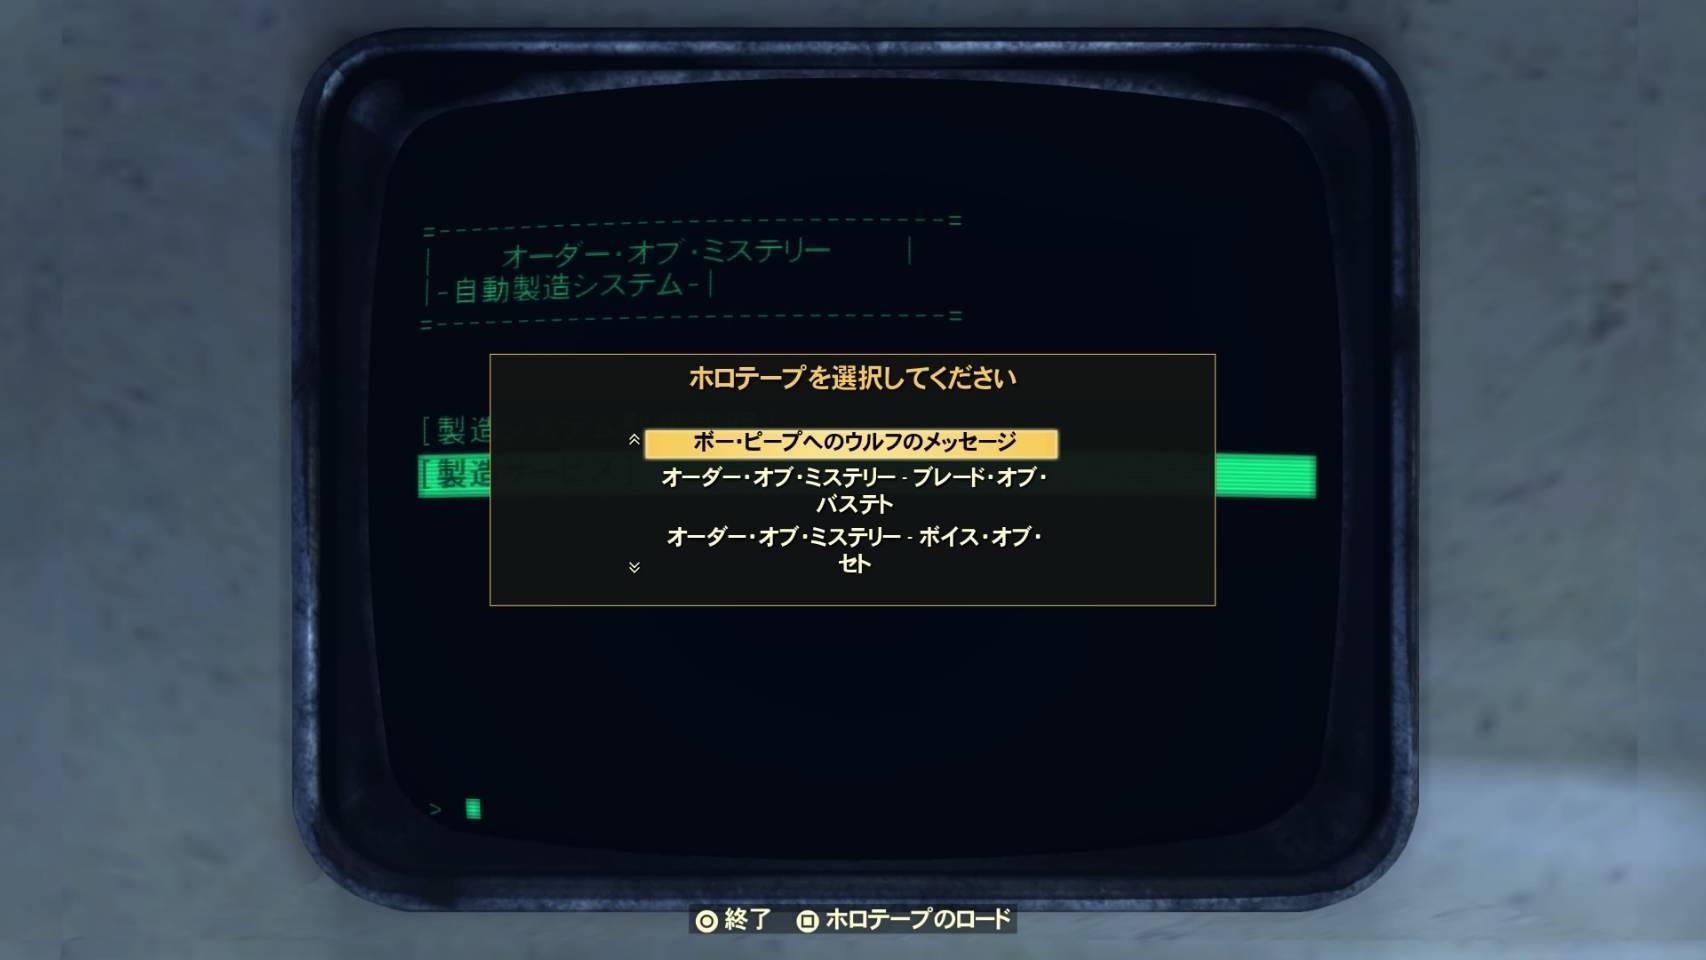 Fallout76のプロジェクトサイフォンがロードできないバグの対処方法を紹介!